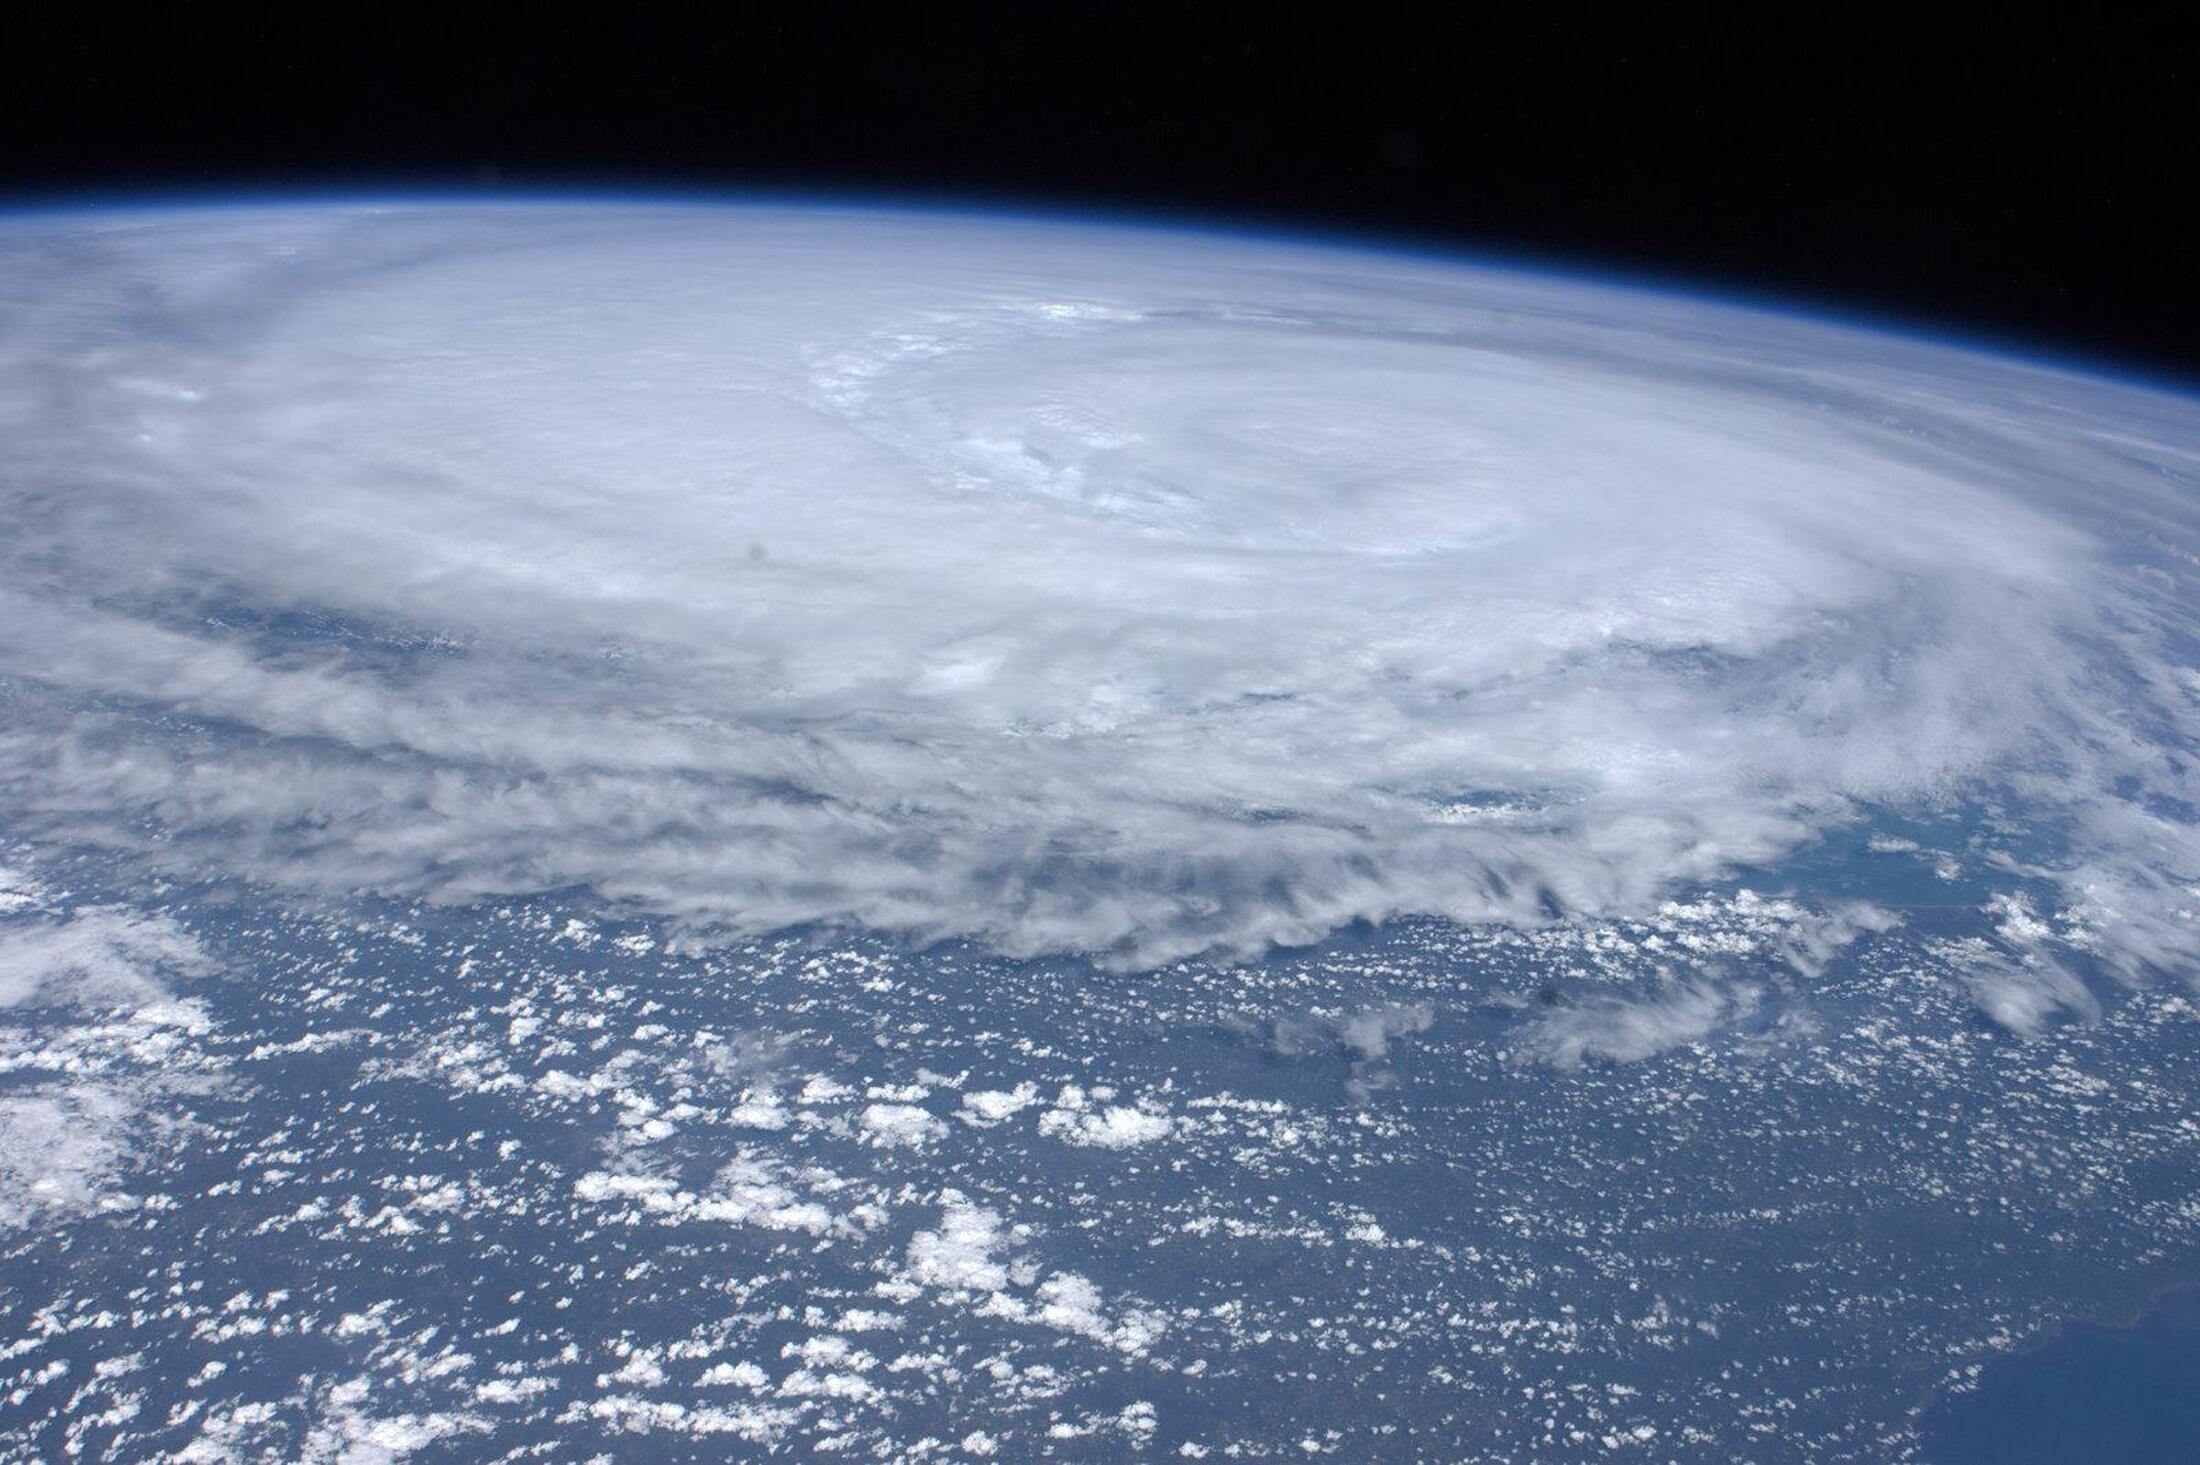 Bức ảnh do các nhà du hành trên trạm ISS chụp trận bão Irene đổ vào Hoa Kỳ, ngày 26/8/2011